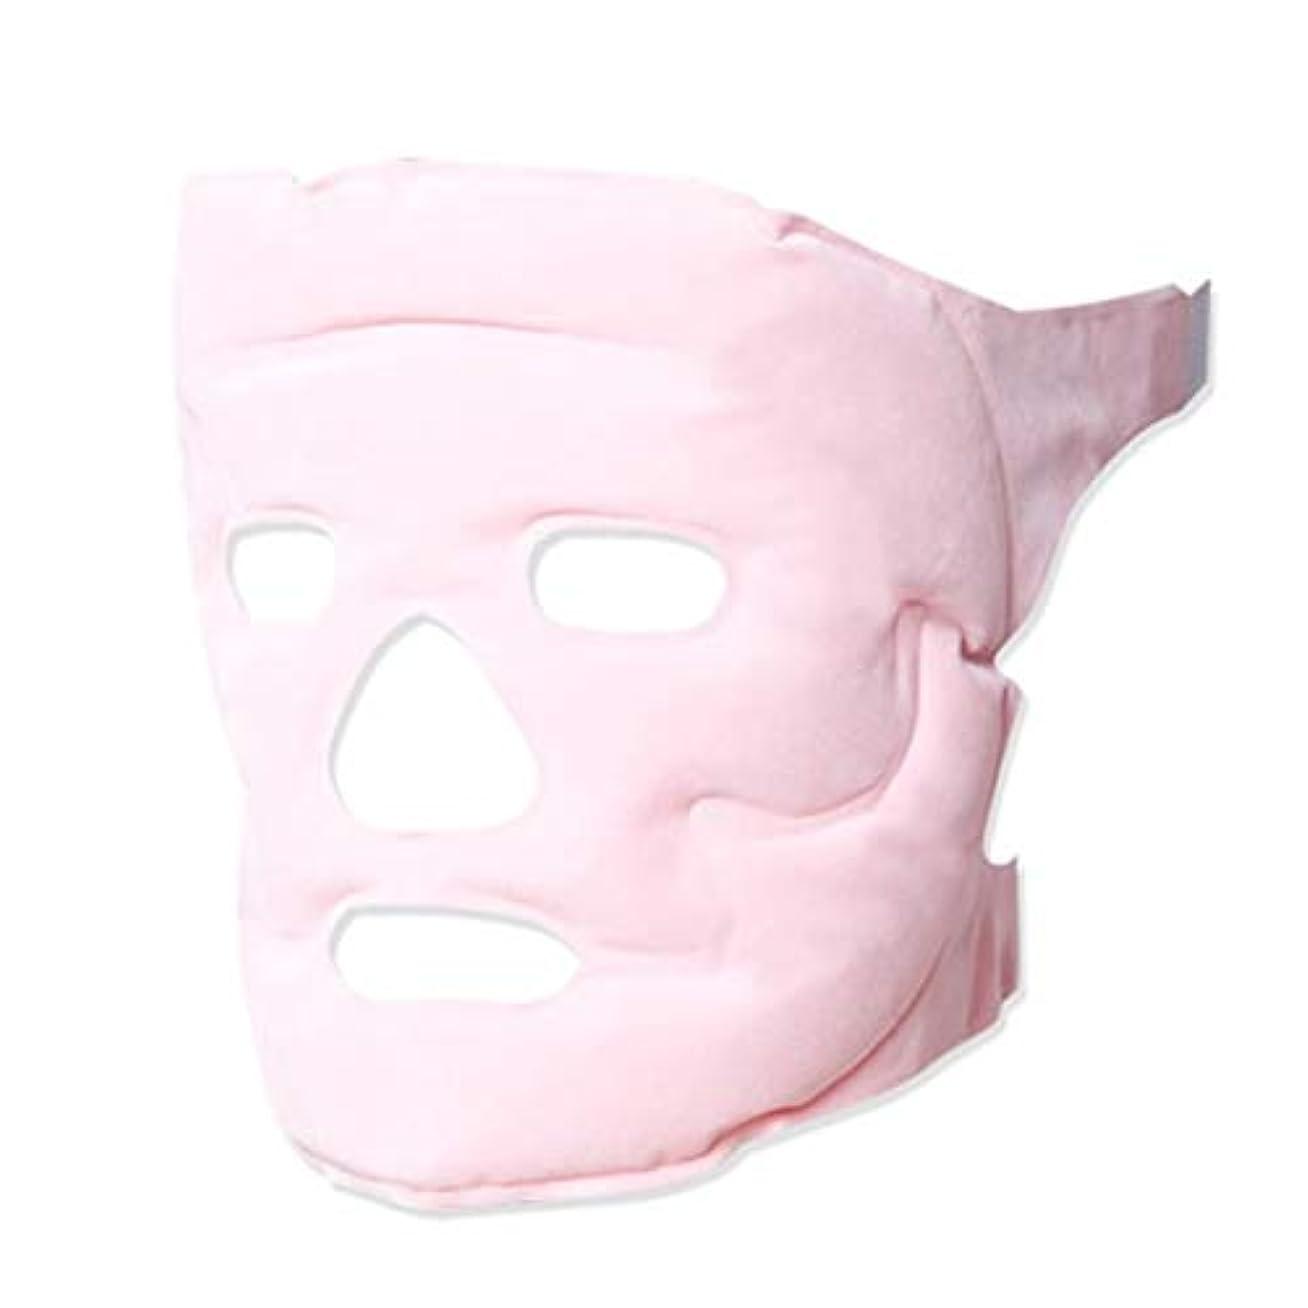 メディック肥沃な民間ZWBD フェイスマスク, フェイスリフティング包帯Vフェイスマスク睡眠薄い顔美容マスク磁気療法リフティング顔引き締め令包帯